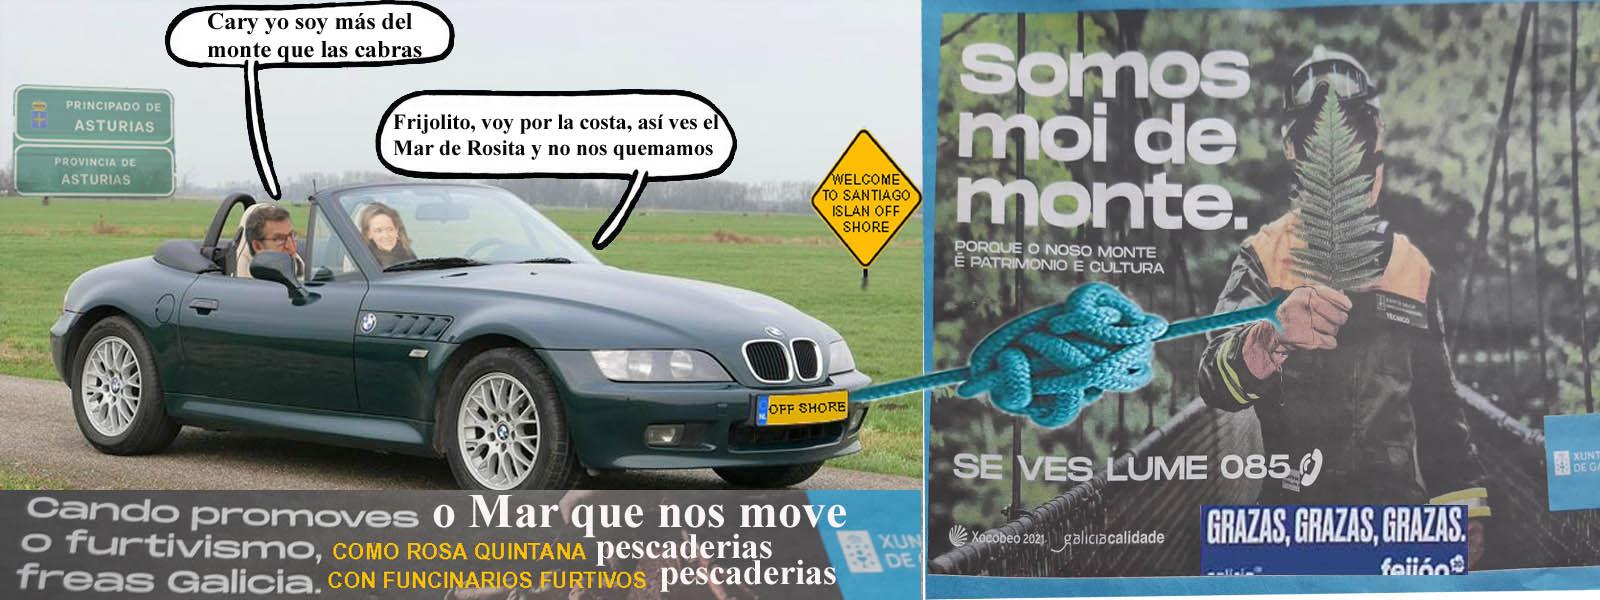 """A fraude da publicidade adxudicada en campañas con fondos europeos de la  pesca de María del Mar Sánchez Sierra """" O Mar que nos Move"""" esta provocando  crispación e malestar no sector"""